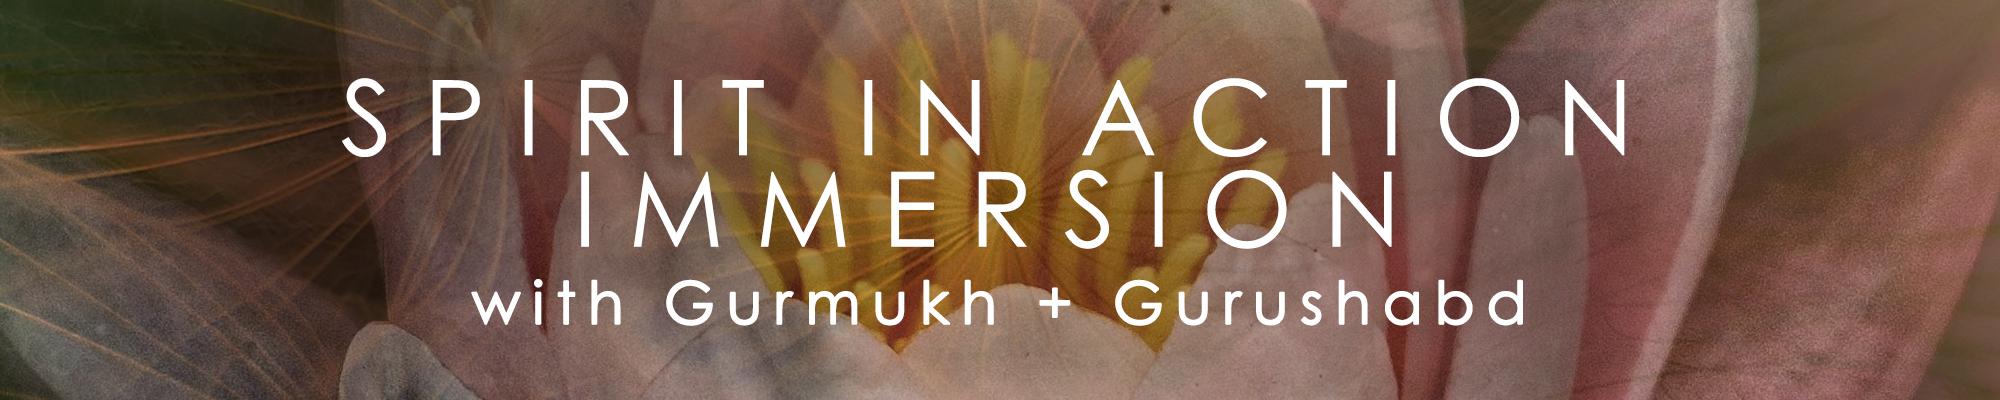 GurmukhEventNoDatesV3.jpg